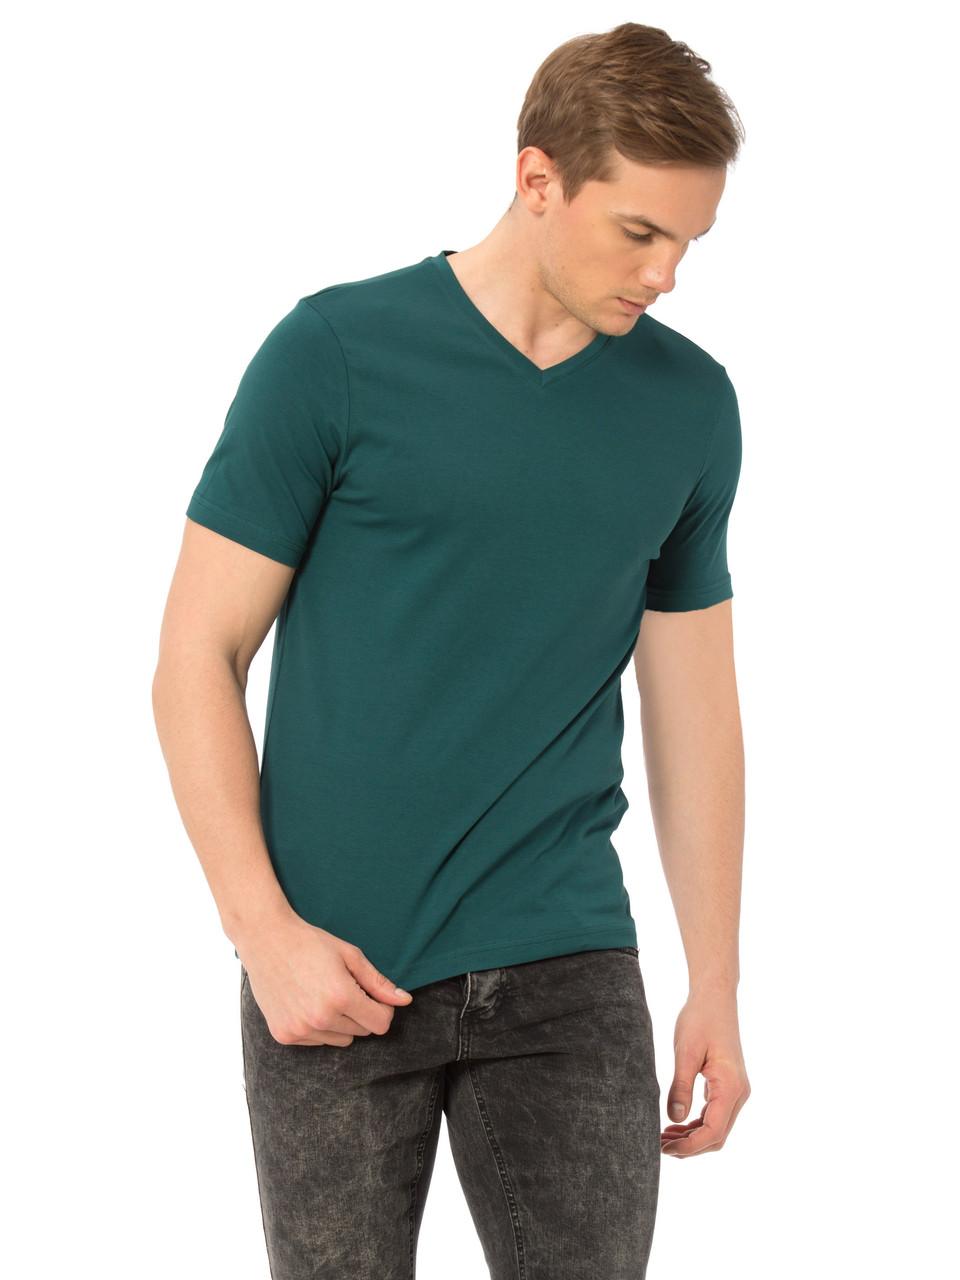 Зеленая мужская футболка LC Waikiki / ЛС Вайкики с V-образным вырезом